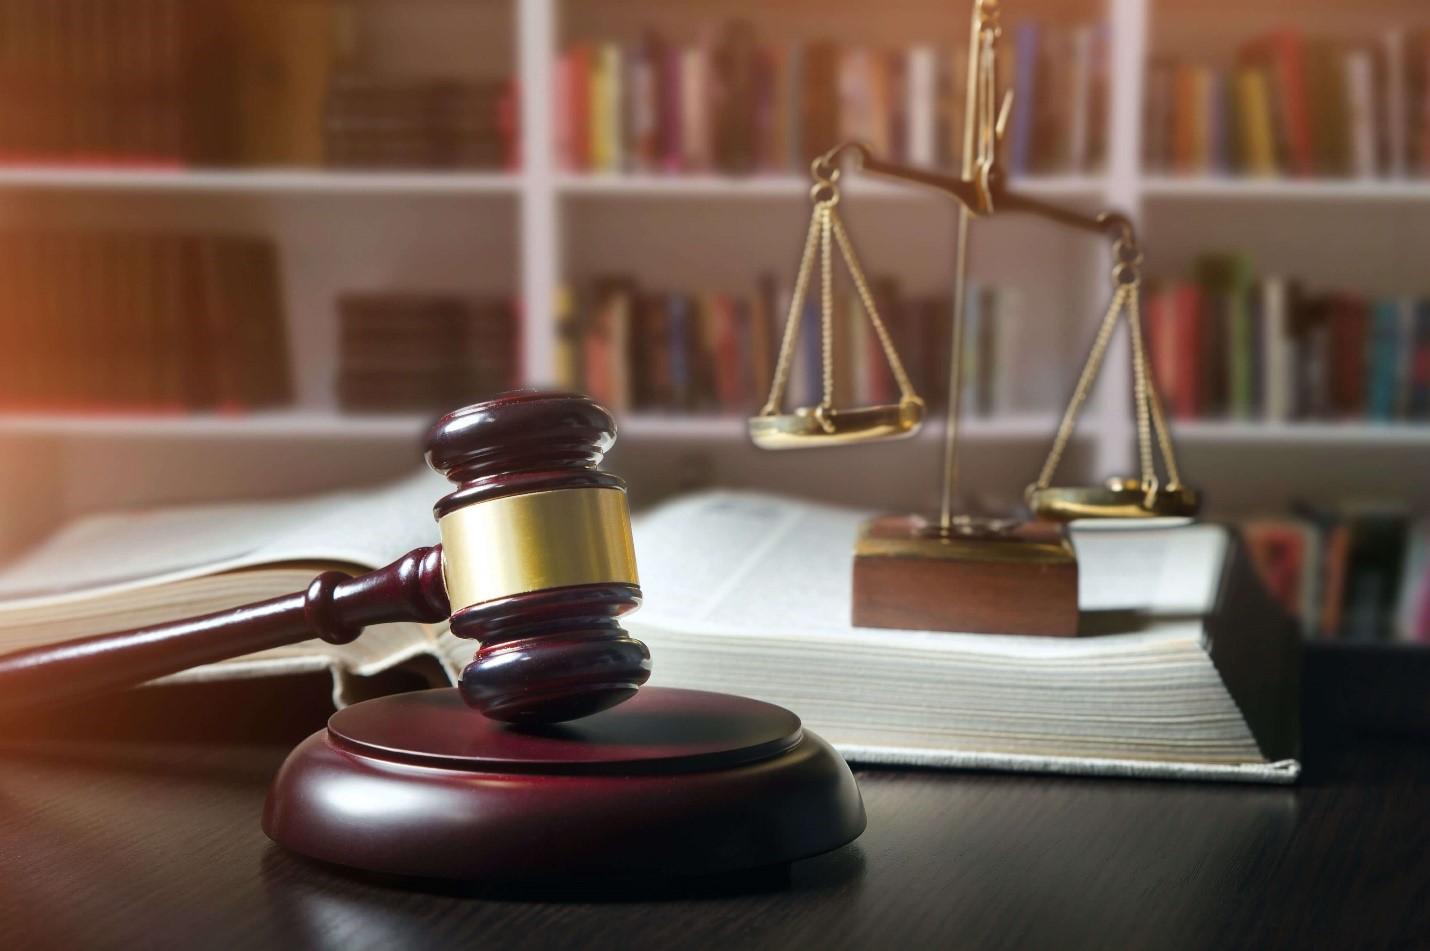 در زیر به مراحلی که برای ارائه سند در دادگاه انجام می شود اشاره کرده ایم: